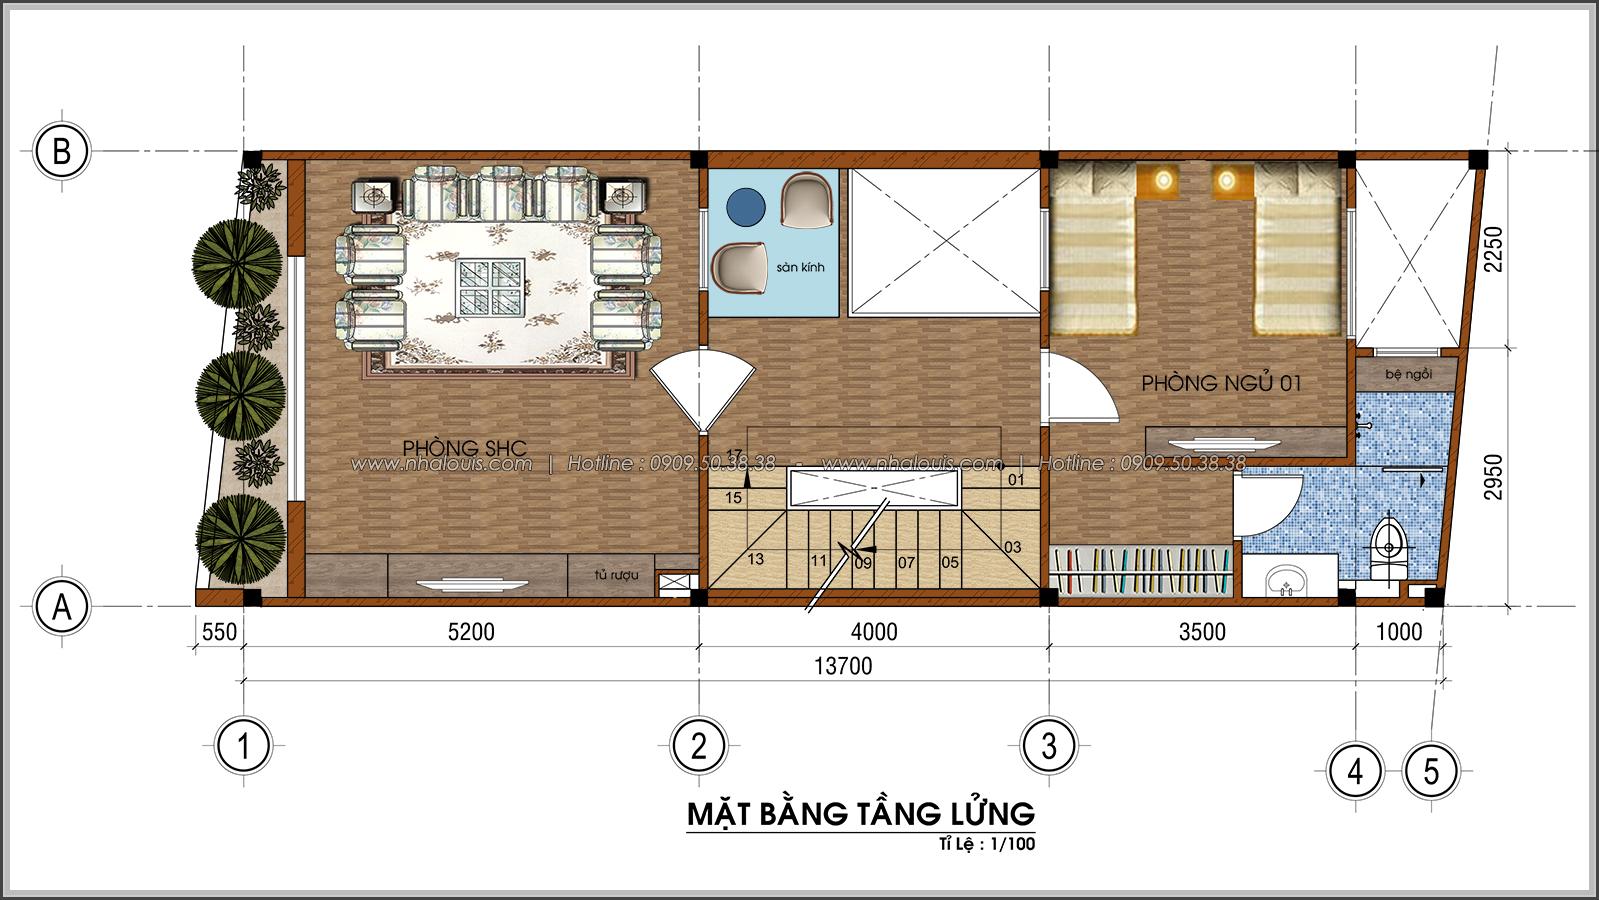 Thiết kế nhà ống 4 tầng lộng lẫ với mặt tiền 5m và gara ô tô tại Tân Bình - 04